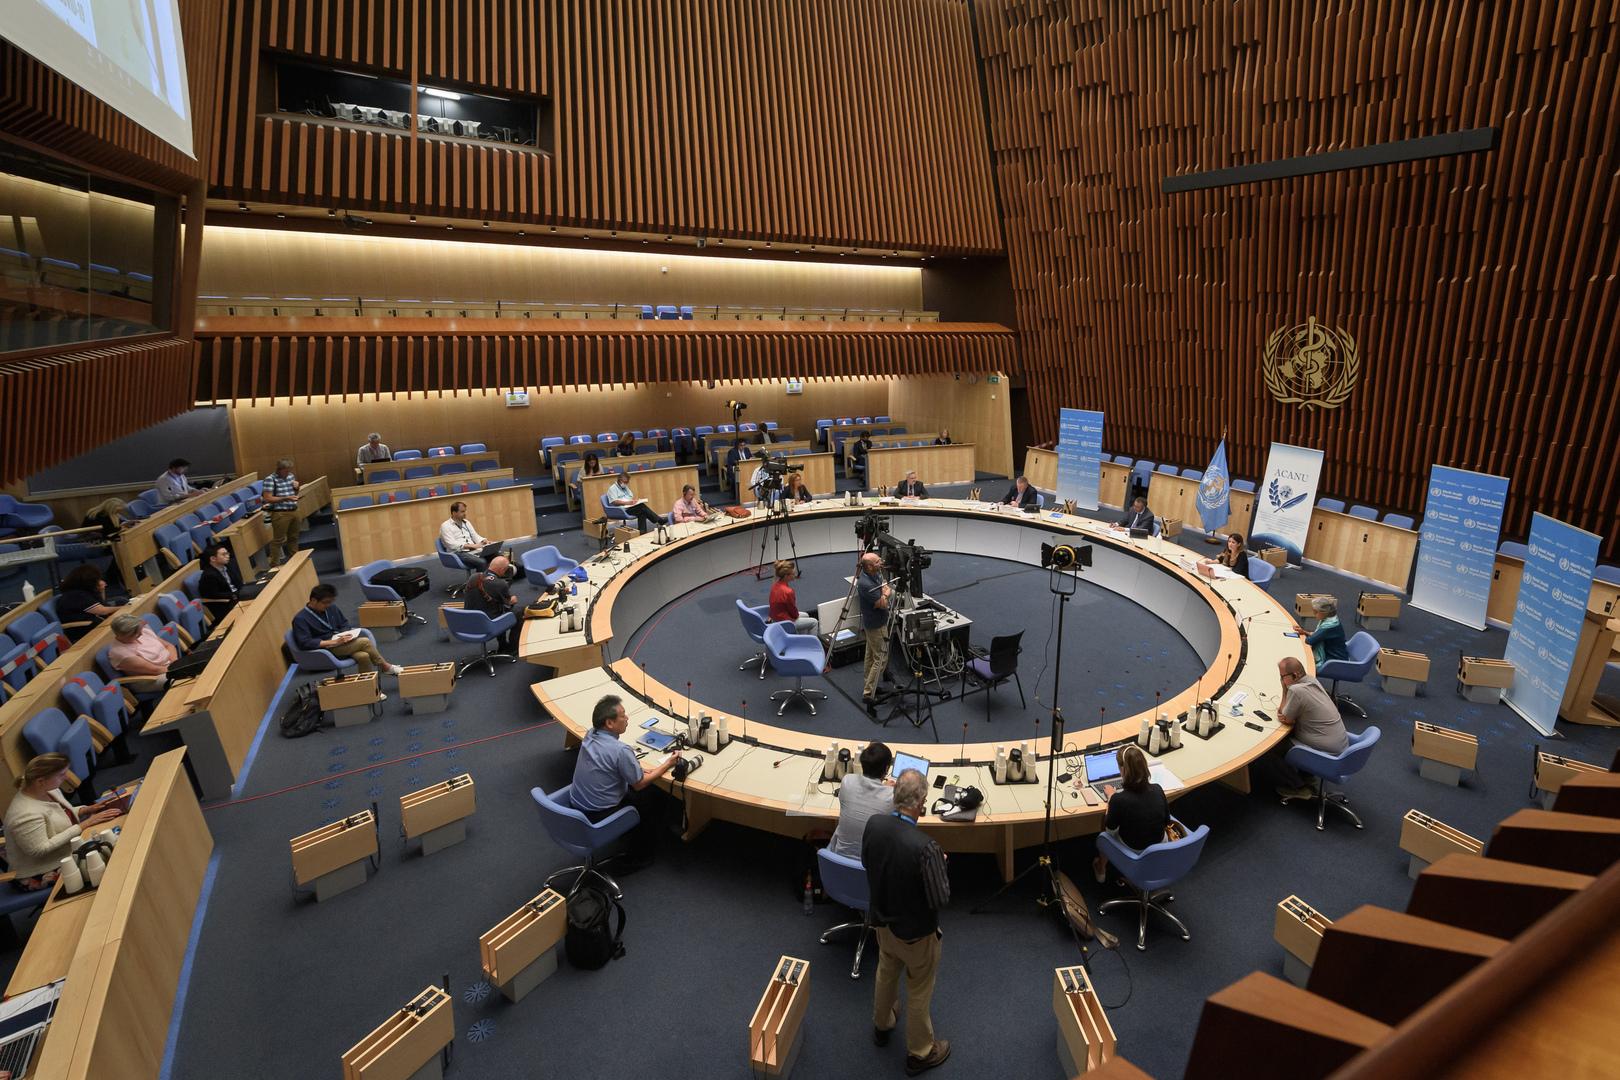 الصحة العالمية: تسجيل أكثر من 289 ألف إصابة جديدة بكورونا